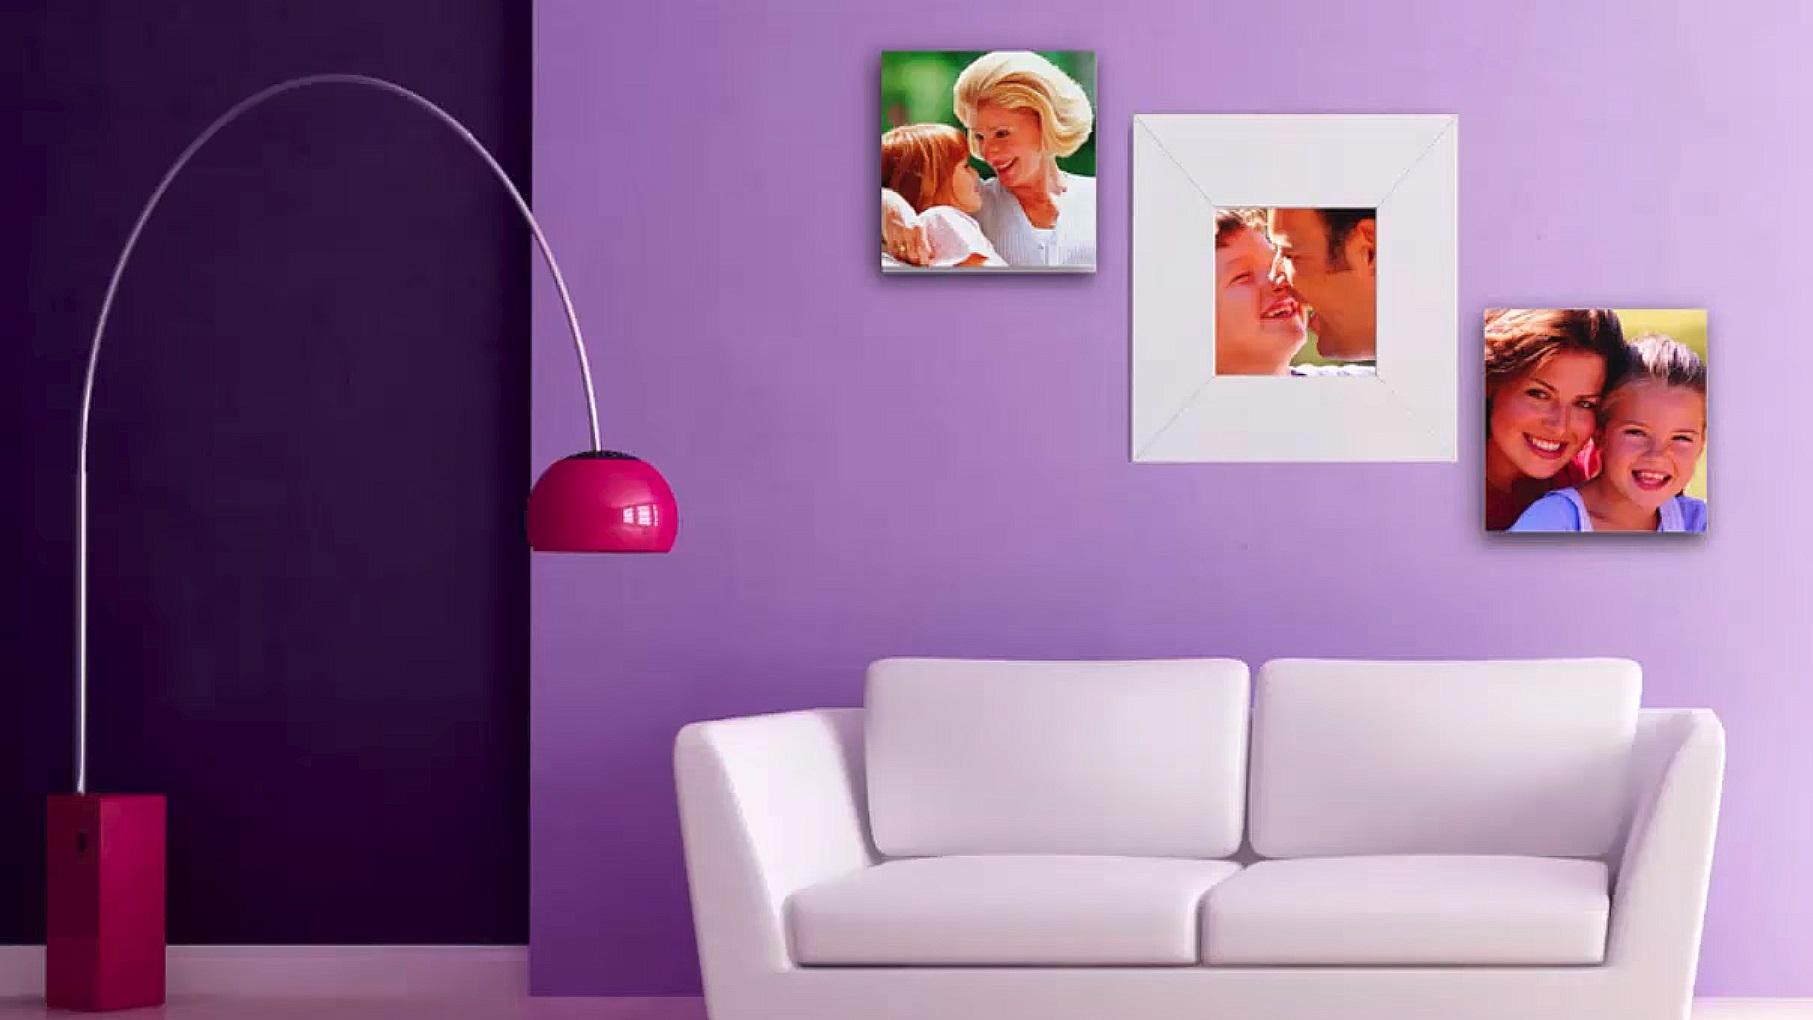 Colores para pintar una casa interior 2019